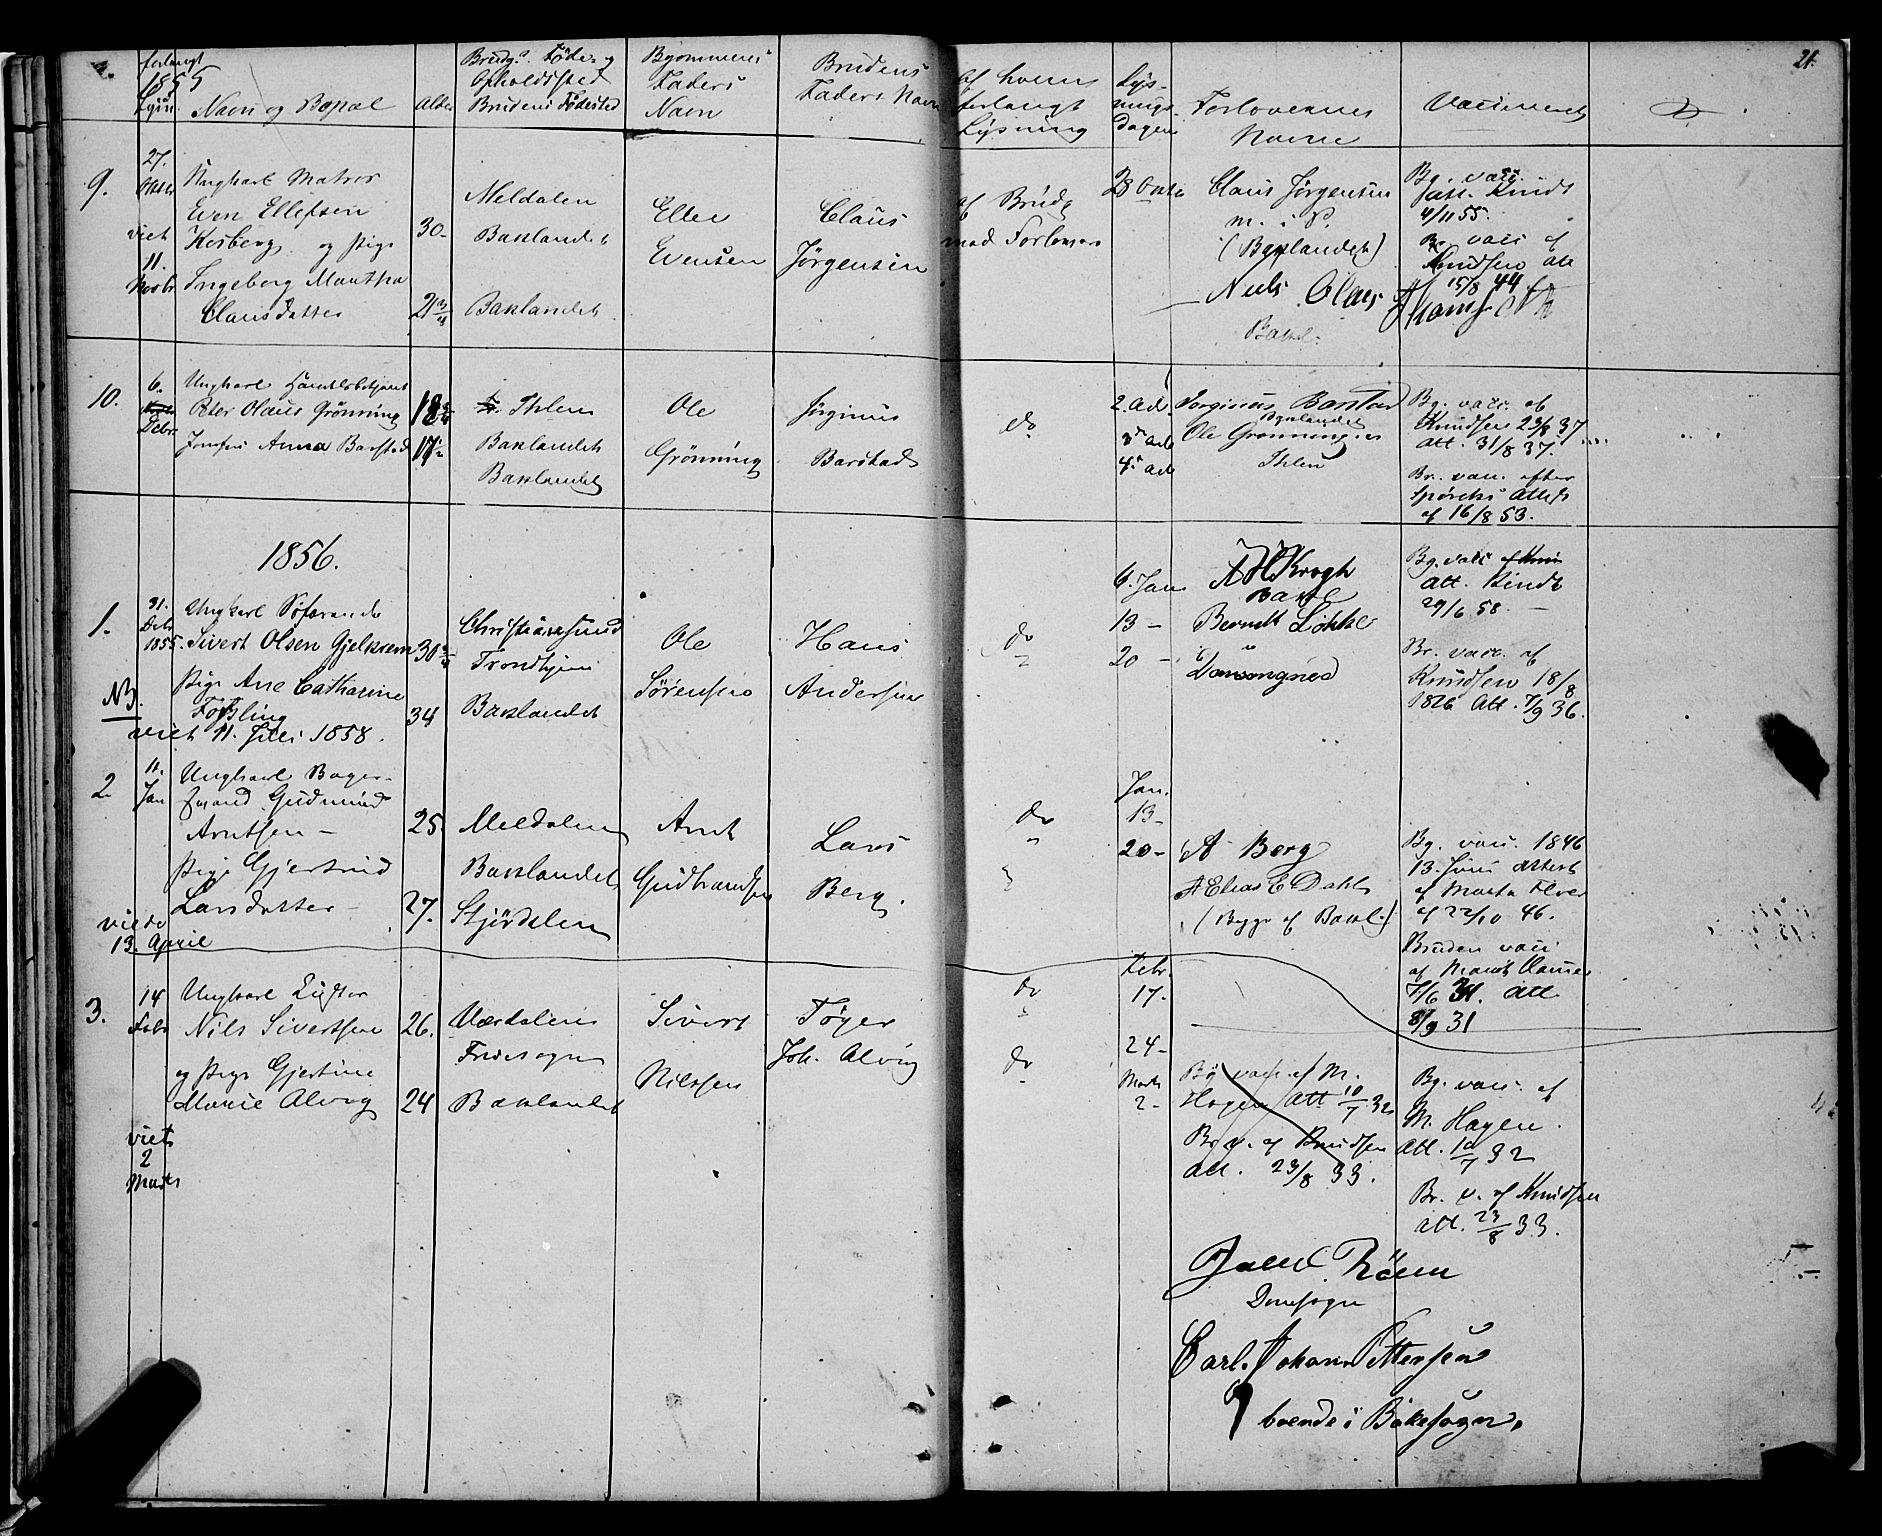 SAT, Ministerialprotokoller, klokkerbøker og fødselsregistre - Sør-Trøndelag, 604/L0187: Ministerialbok nr. 604A08, 1847-1878, s. 21